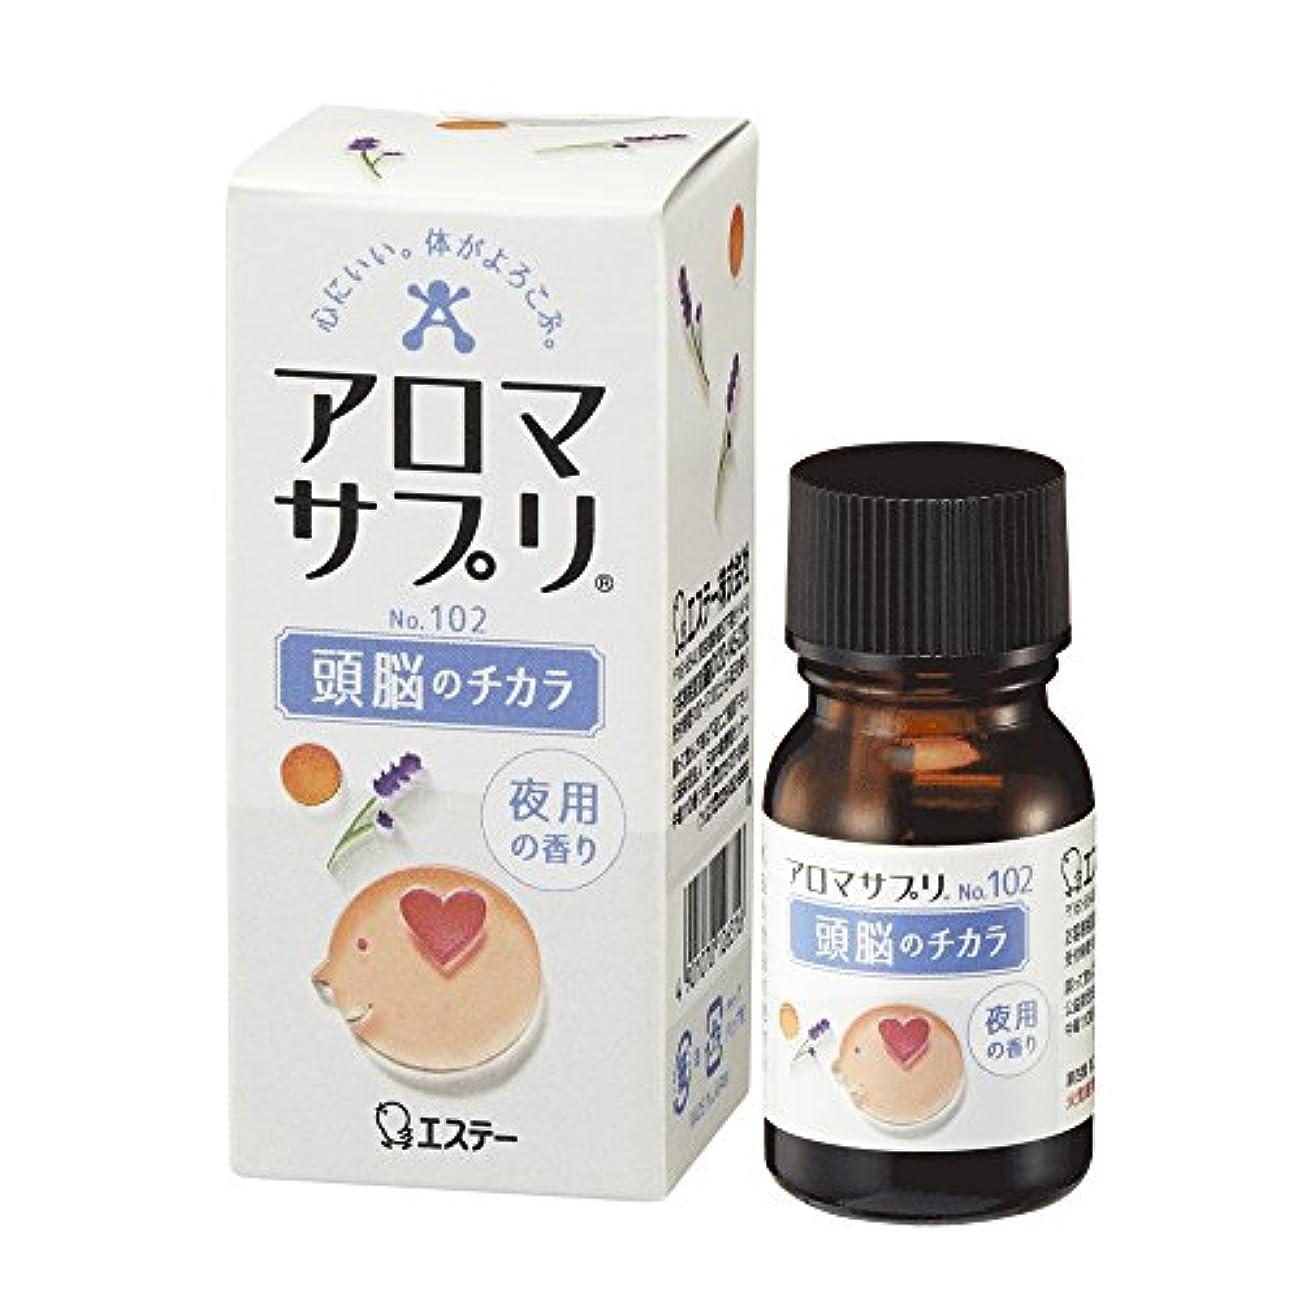 お風呂まさに日曜日アロマサプリ 100%天然ブレンドアロマ 頭脳のチカラ 夜用の香り 真正ラベンダー&スイートオレンジ 10ml (約60回分)